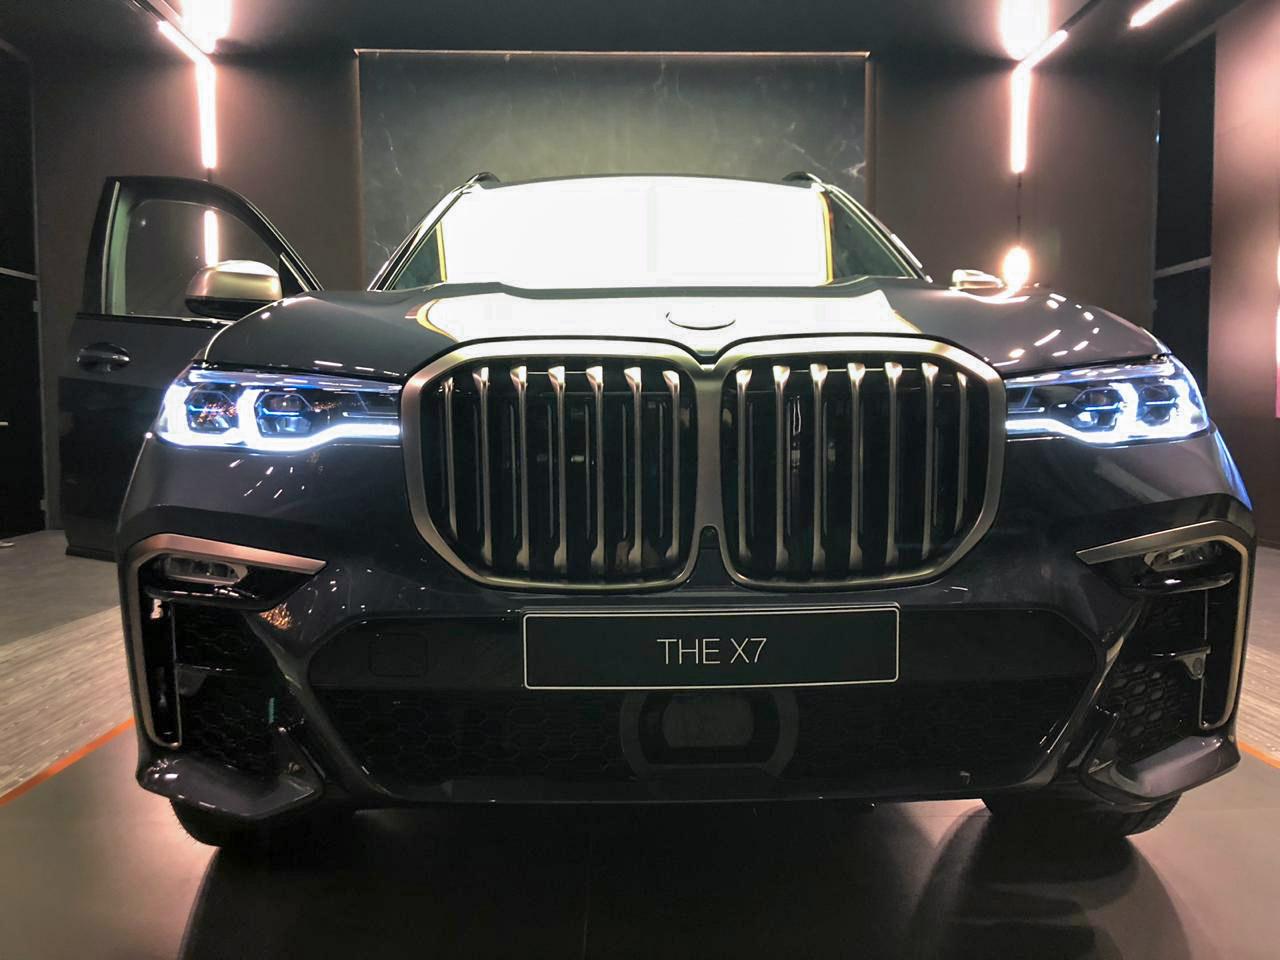 «Балтийский лизинг» принял участие в закрытом показе нового BMW X7 в Москве